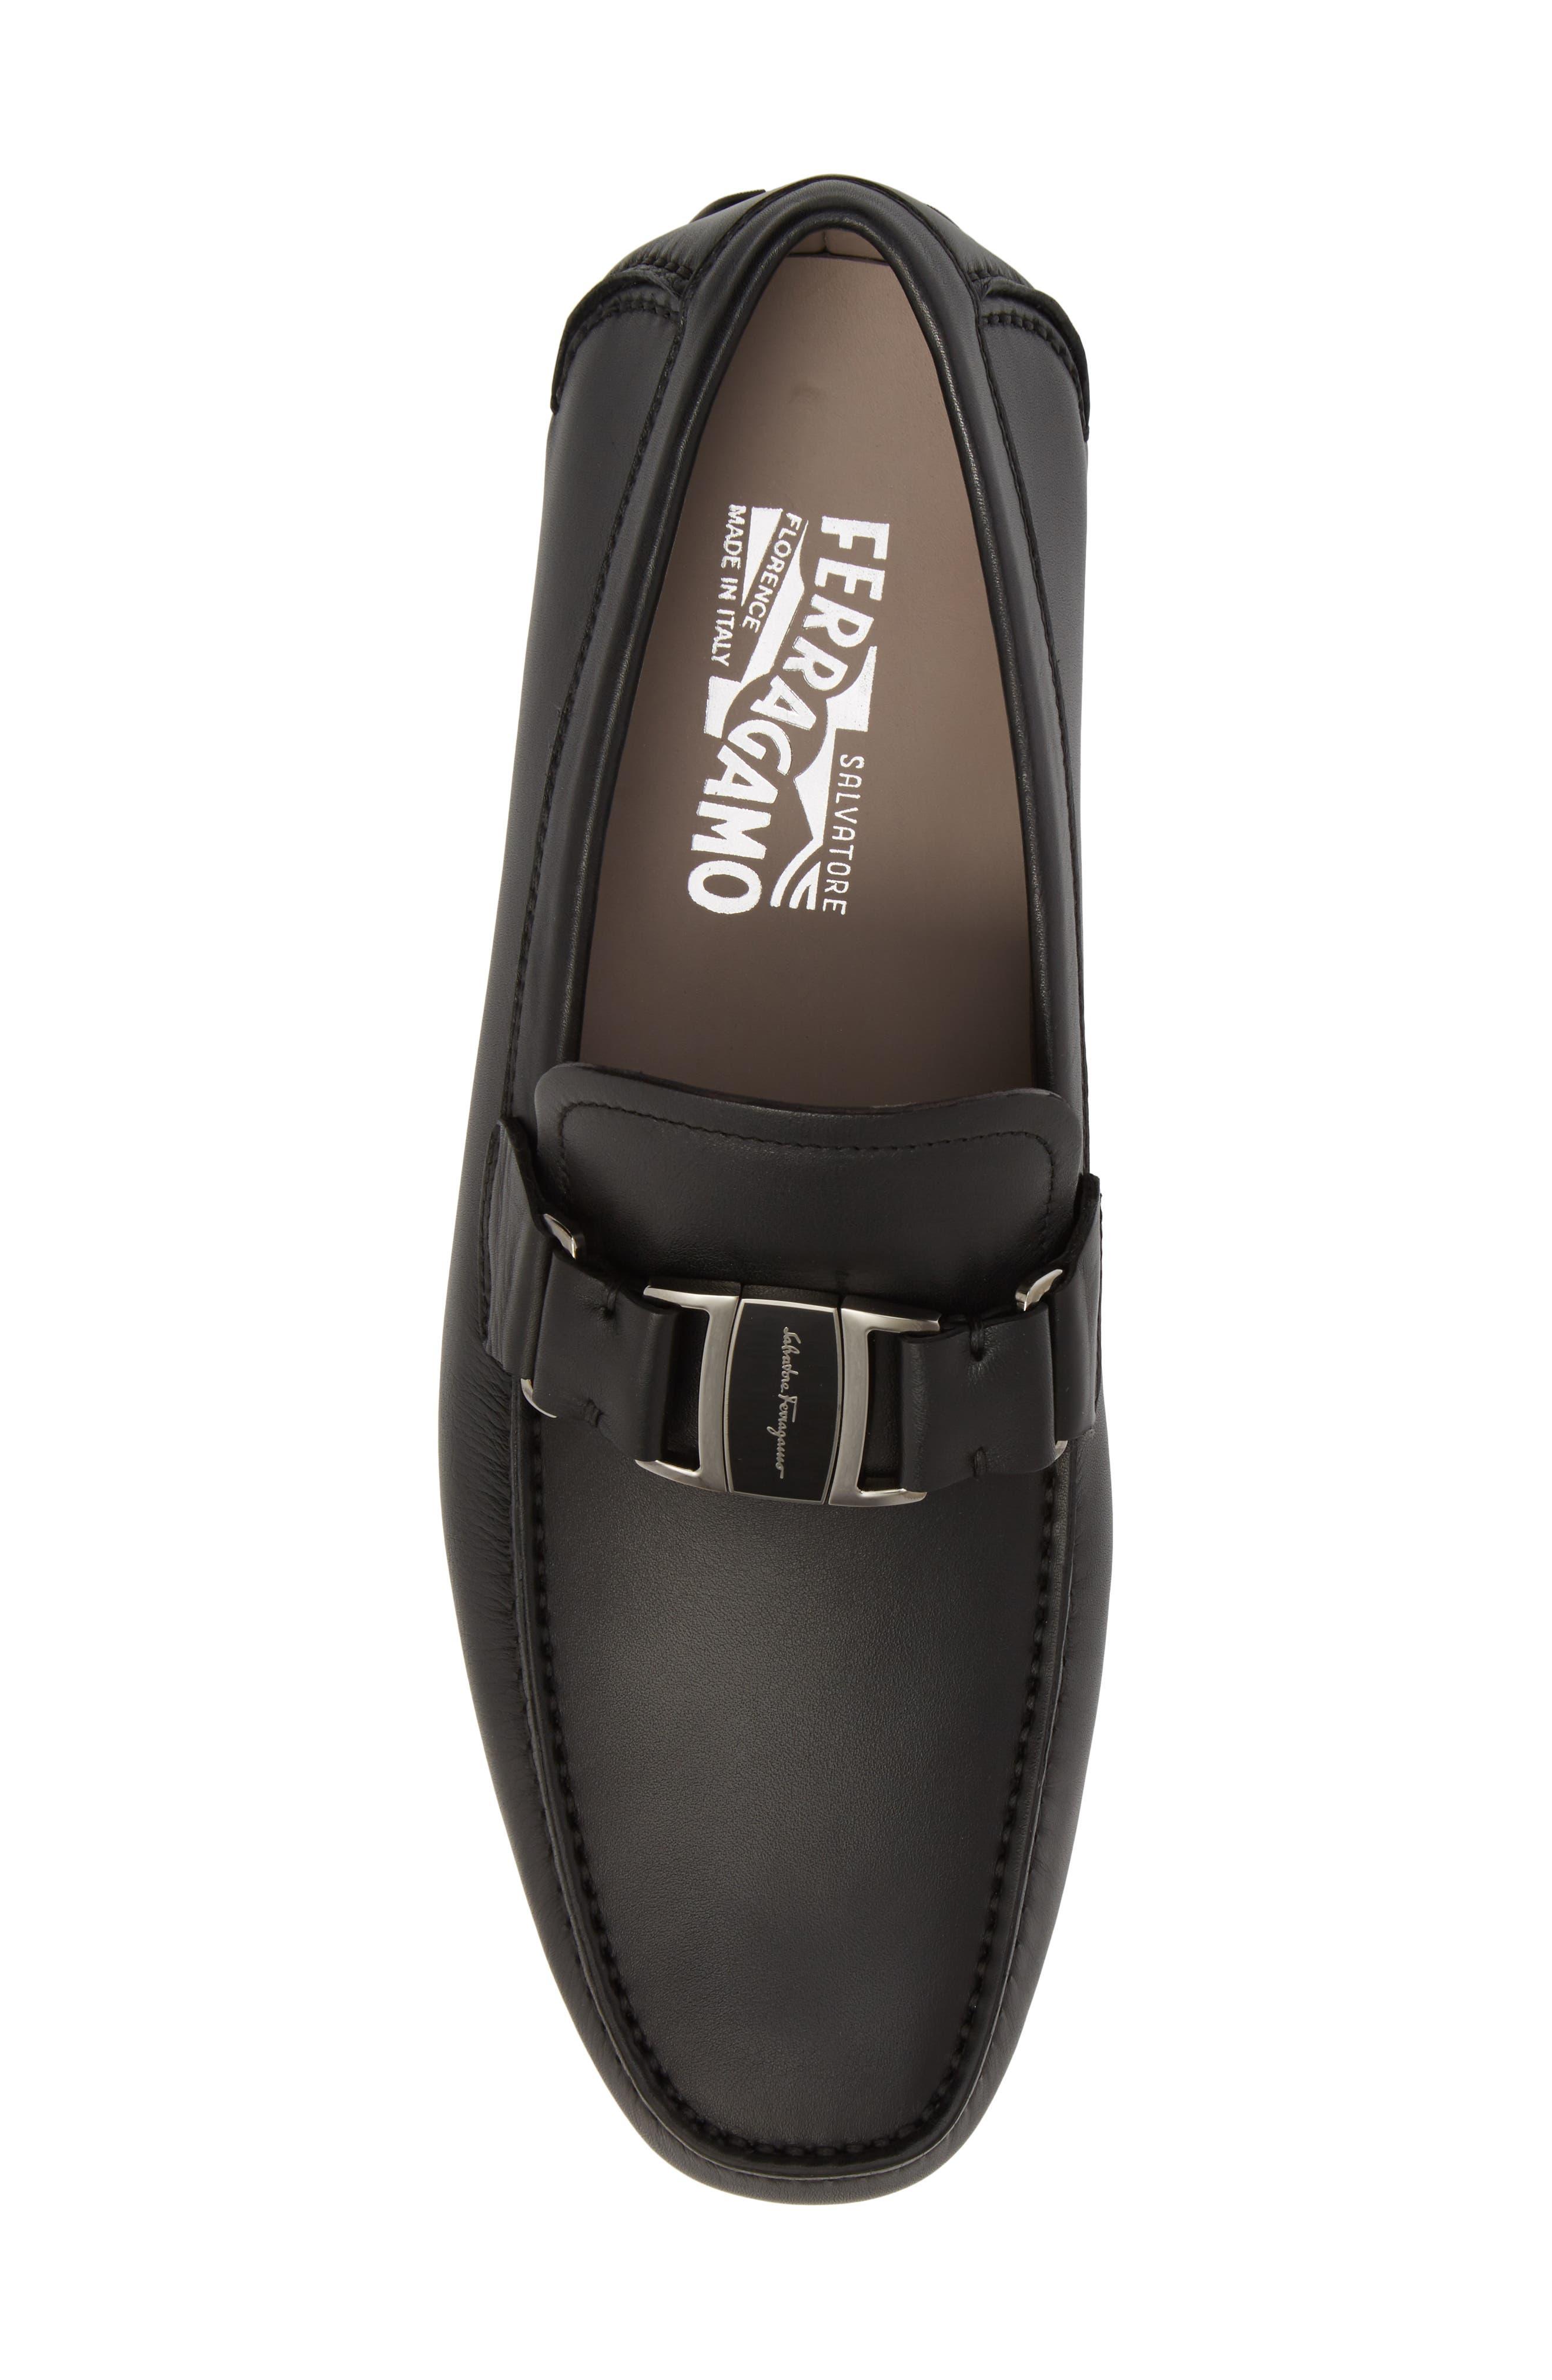 Sardegna Driving Shoe,                             Alternate thumbnail 5, color,                             BLACK LEATHER